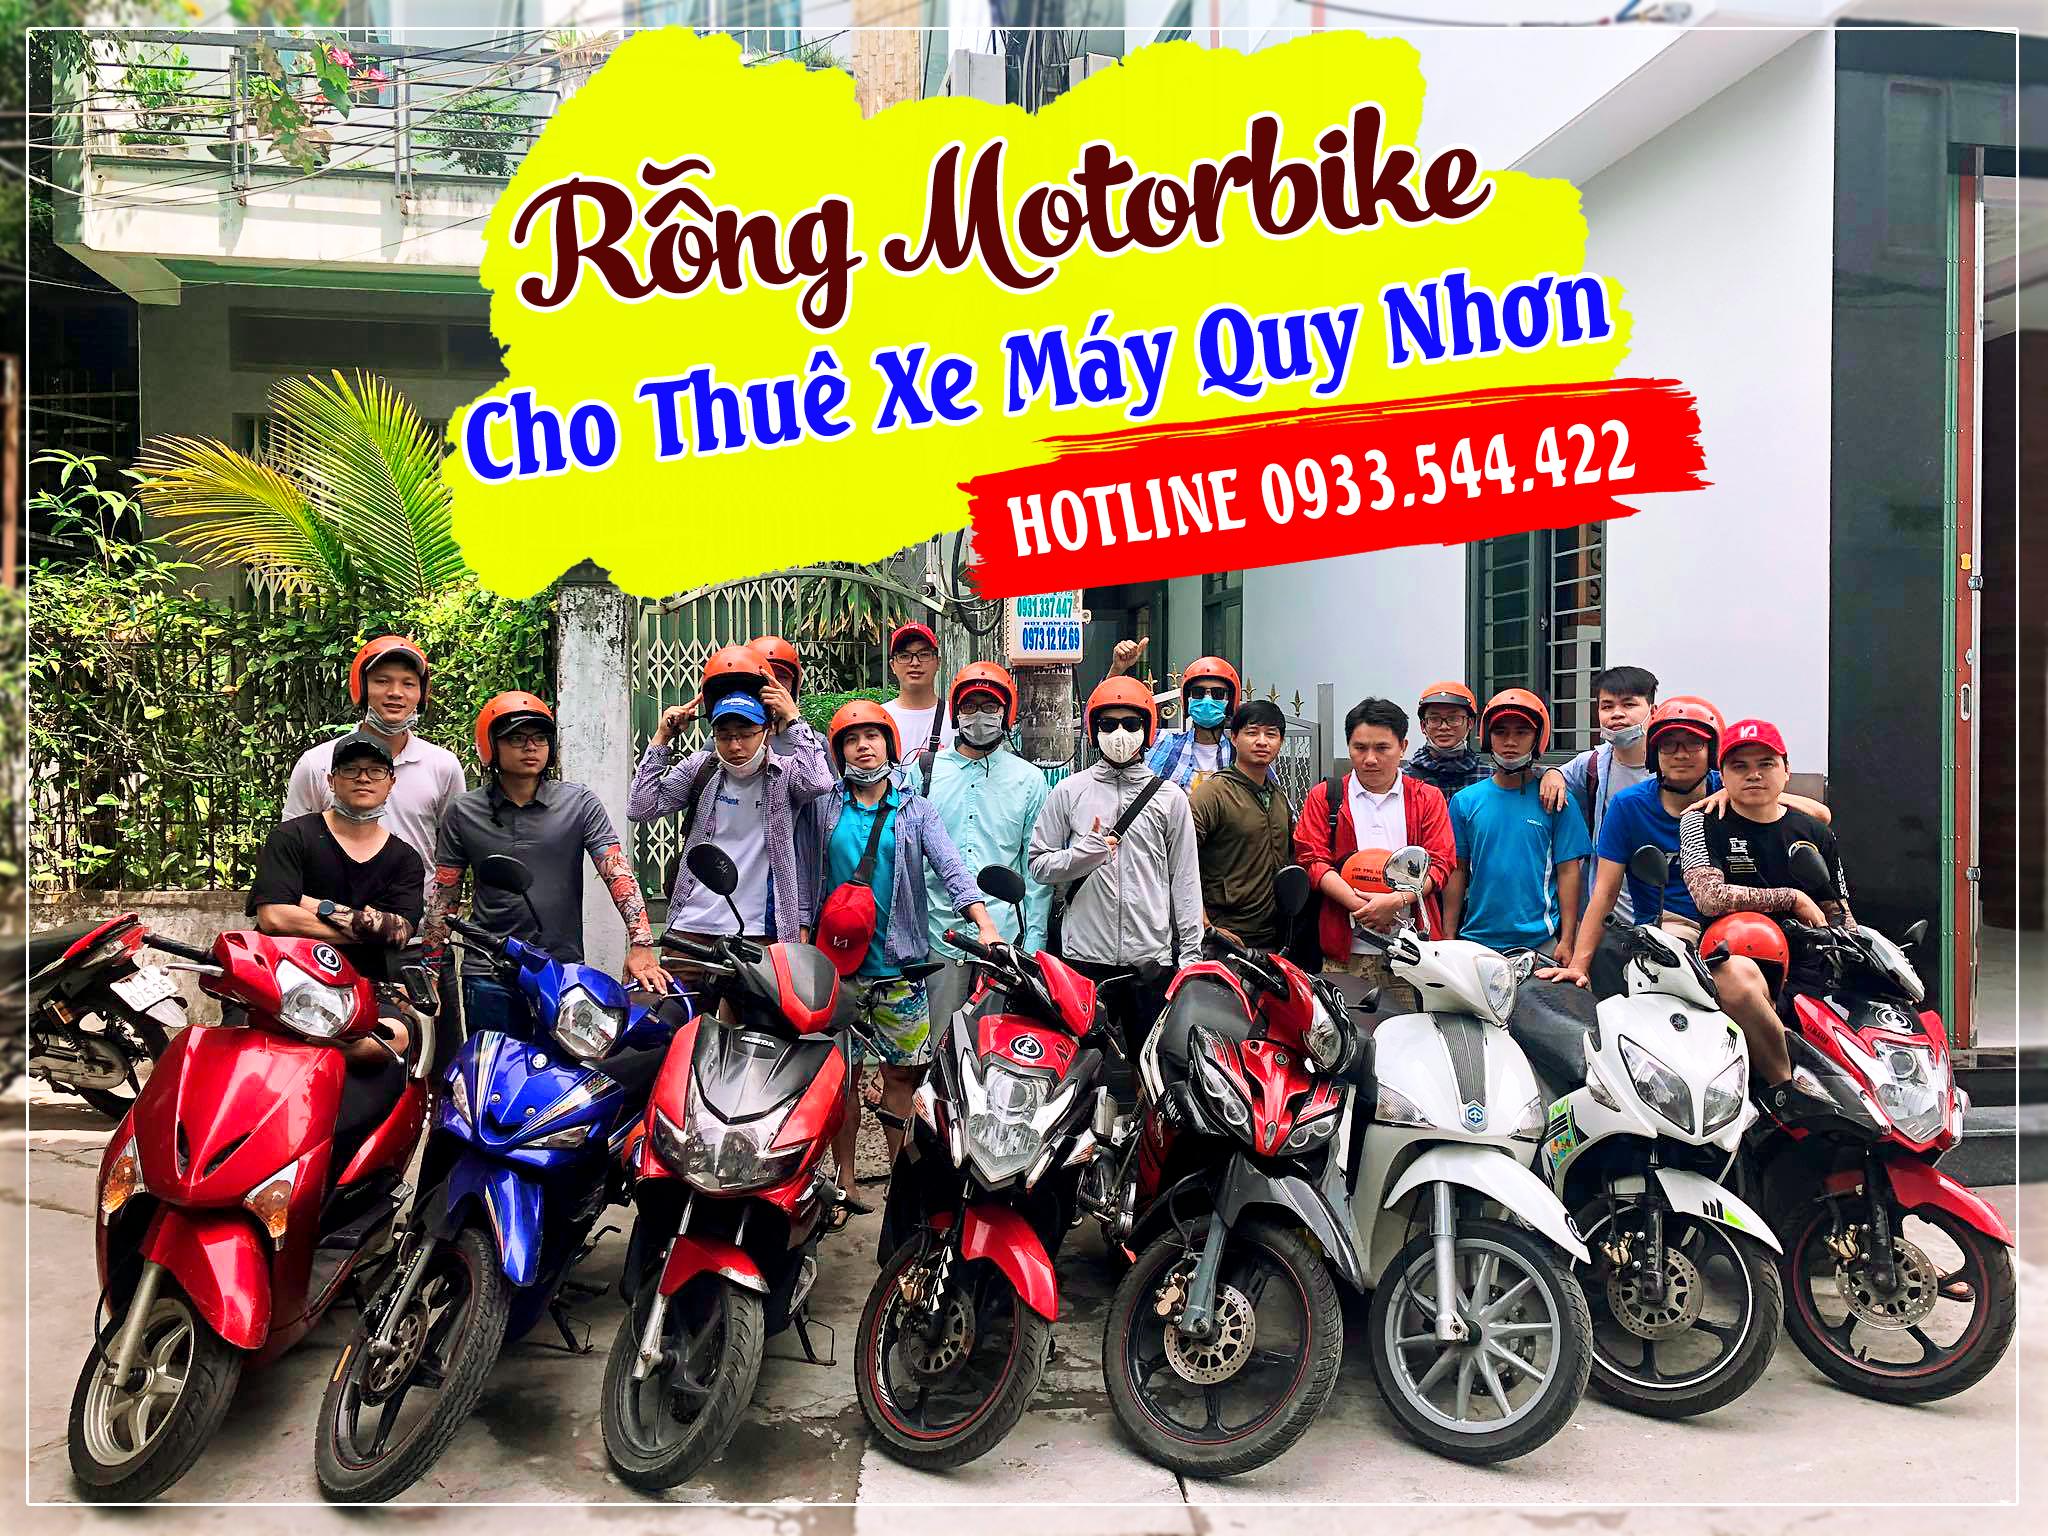 Phương tiện di chuyển tới Bình Định